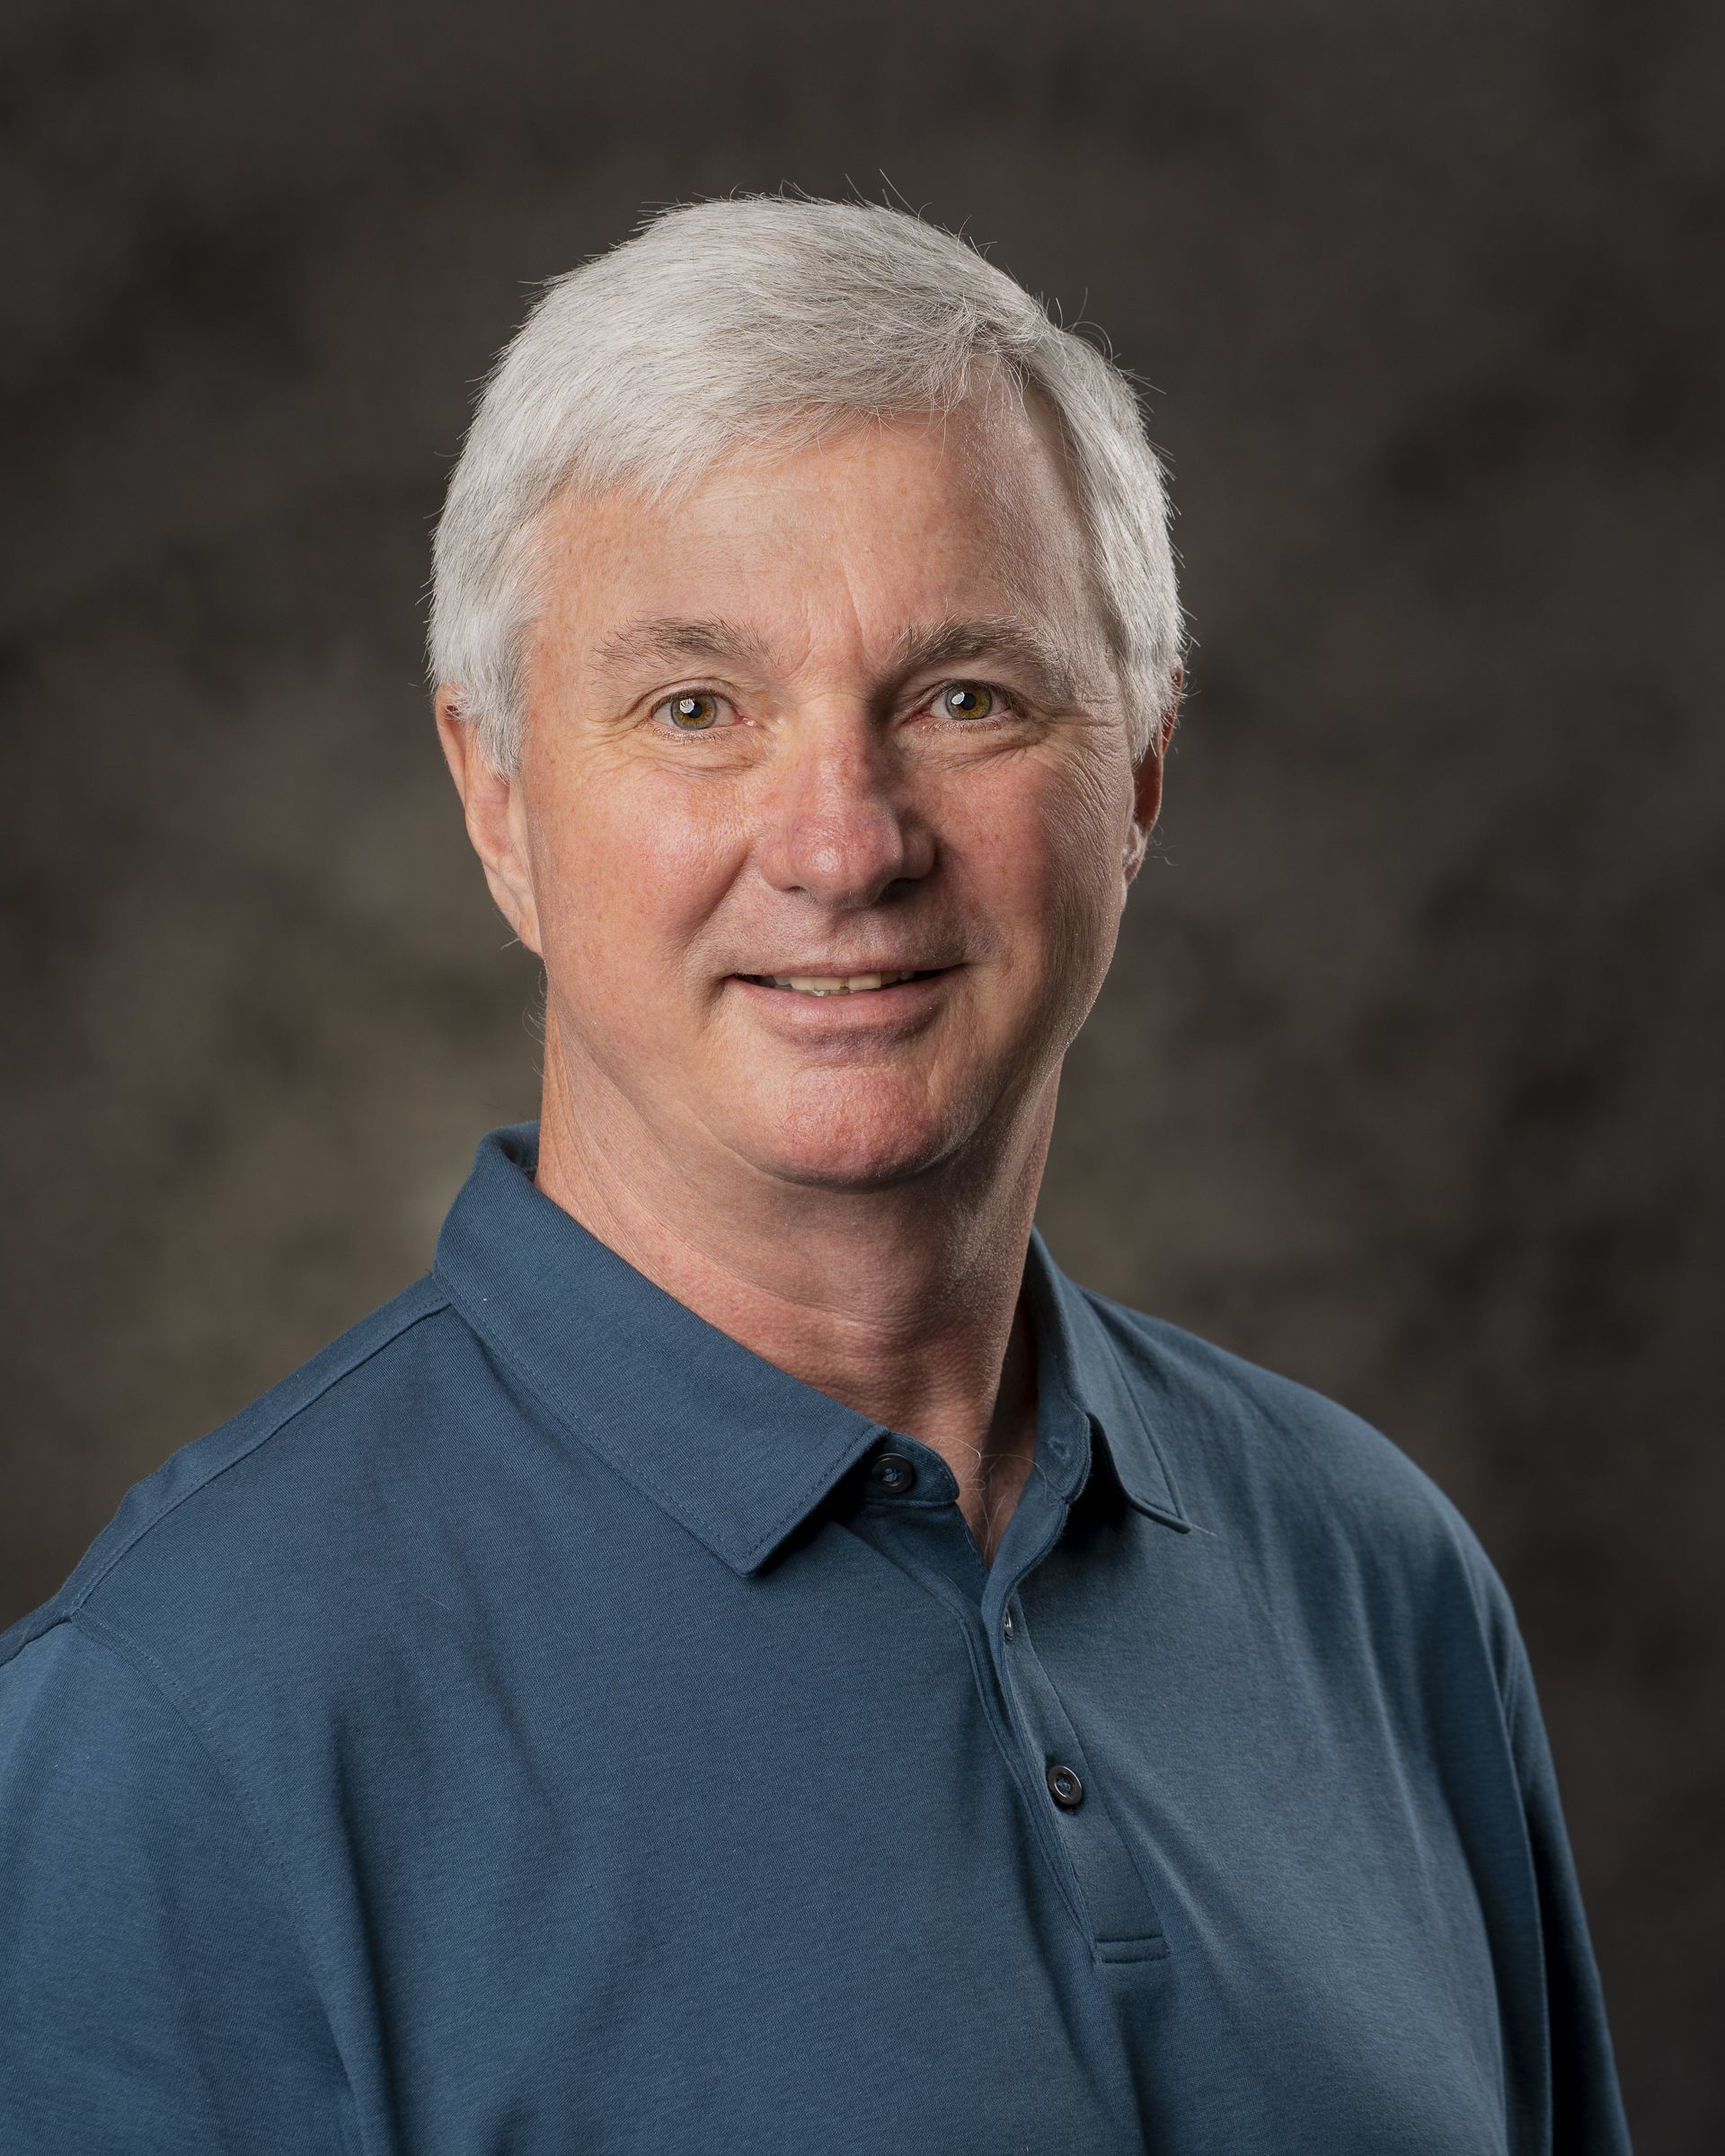 Steve Burleson